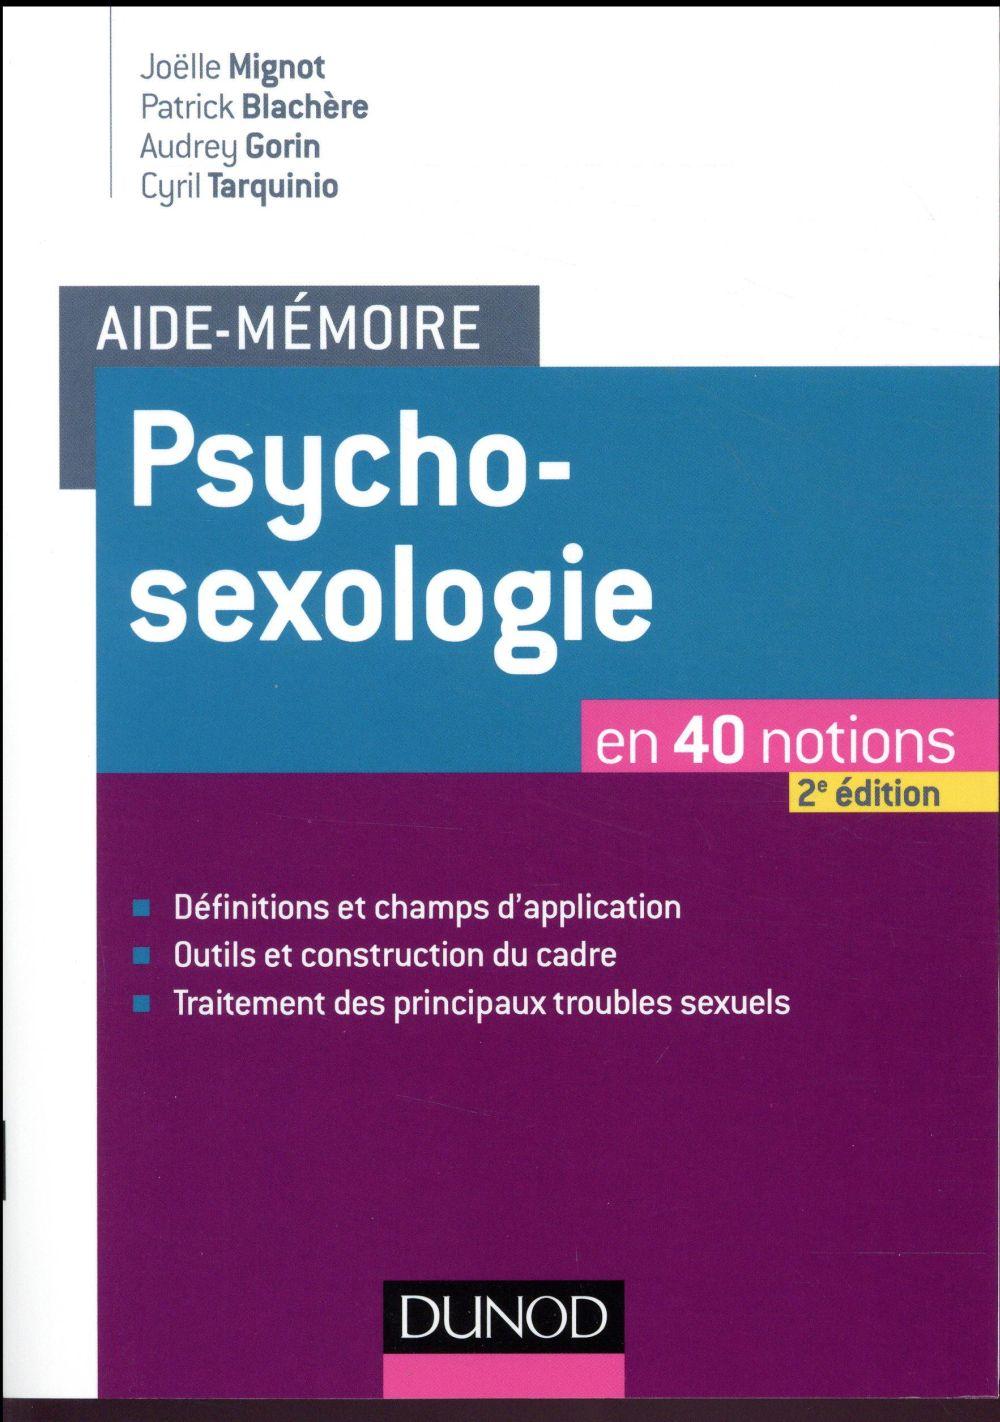 Psychosexologie en 40 notions (2e édition)